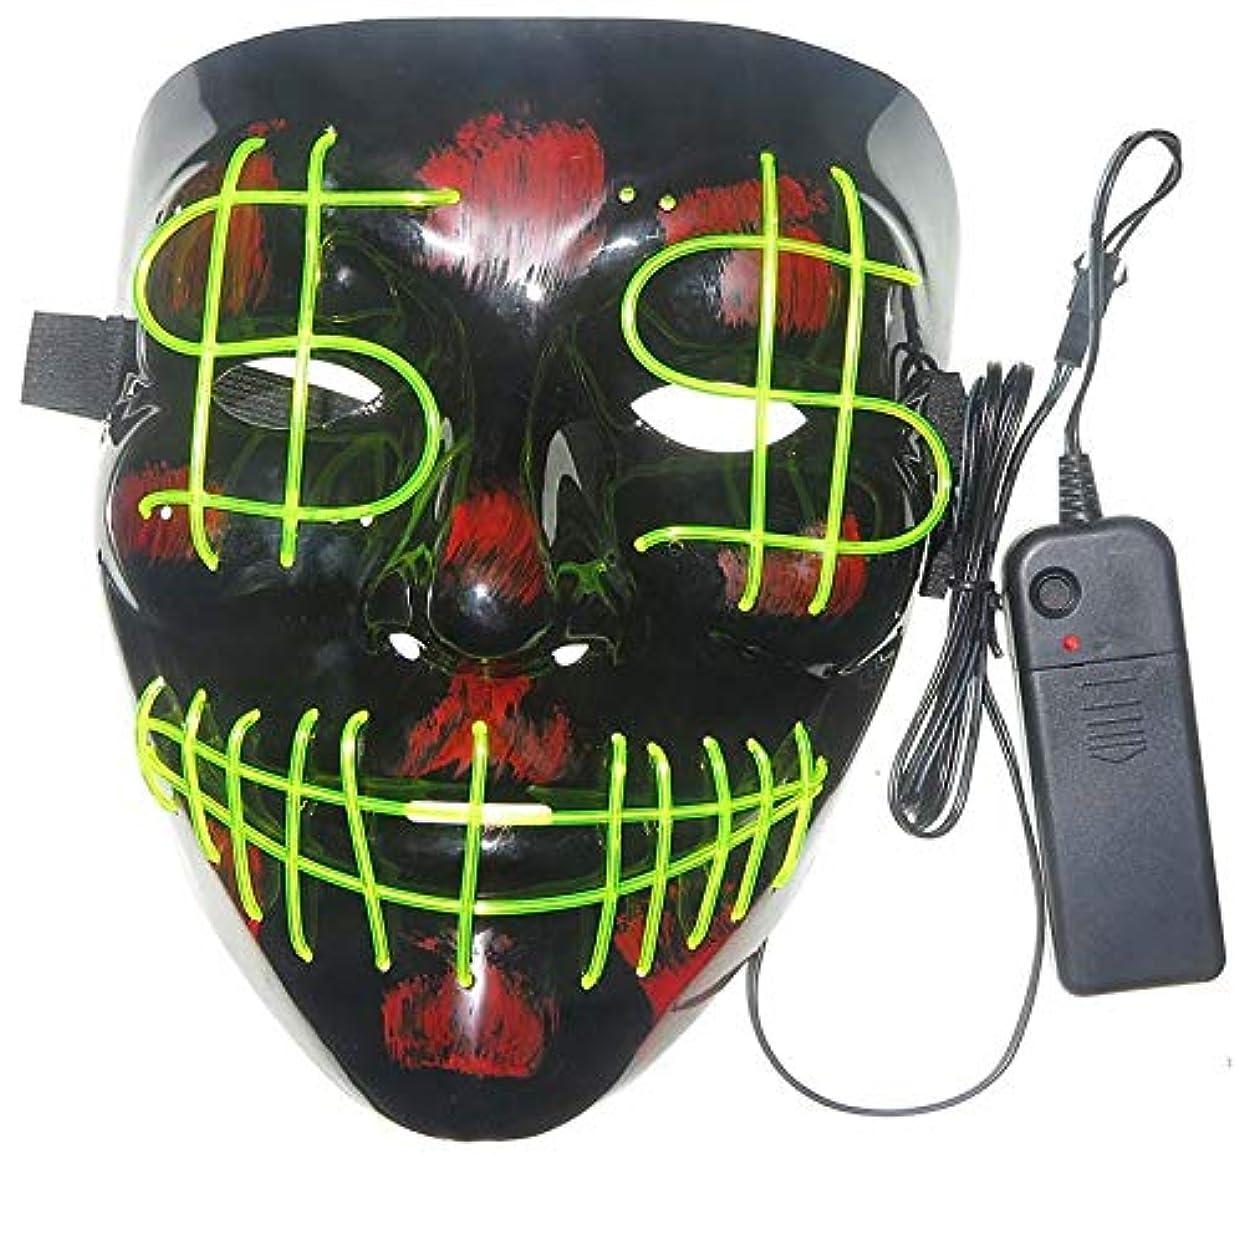 比喩むちゃくちゃ神聖ハロウィーンの怖いマスクコスプレ-コスチュームマスクライトフェスティバルパーティー用LEDマスク